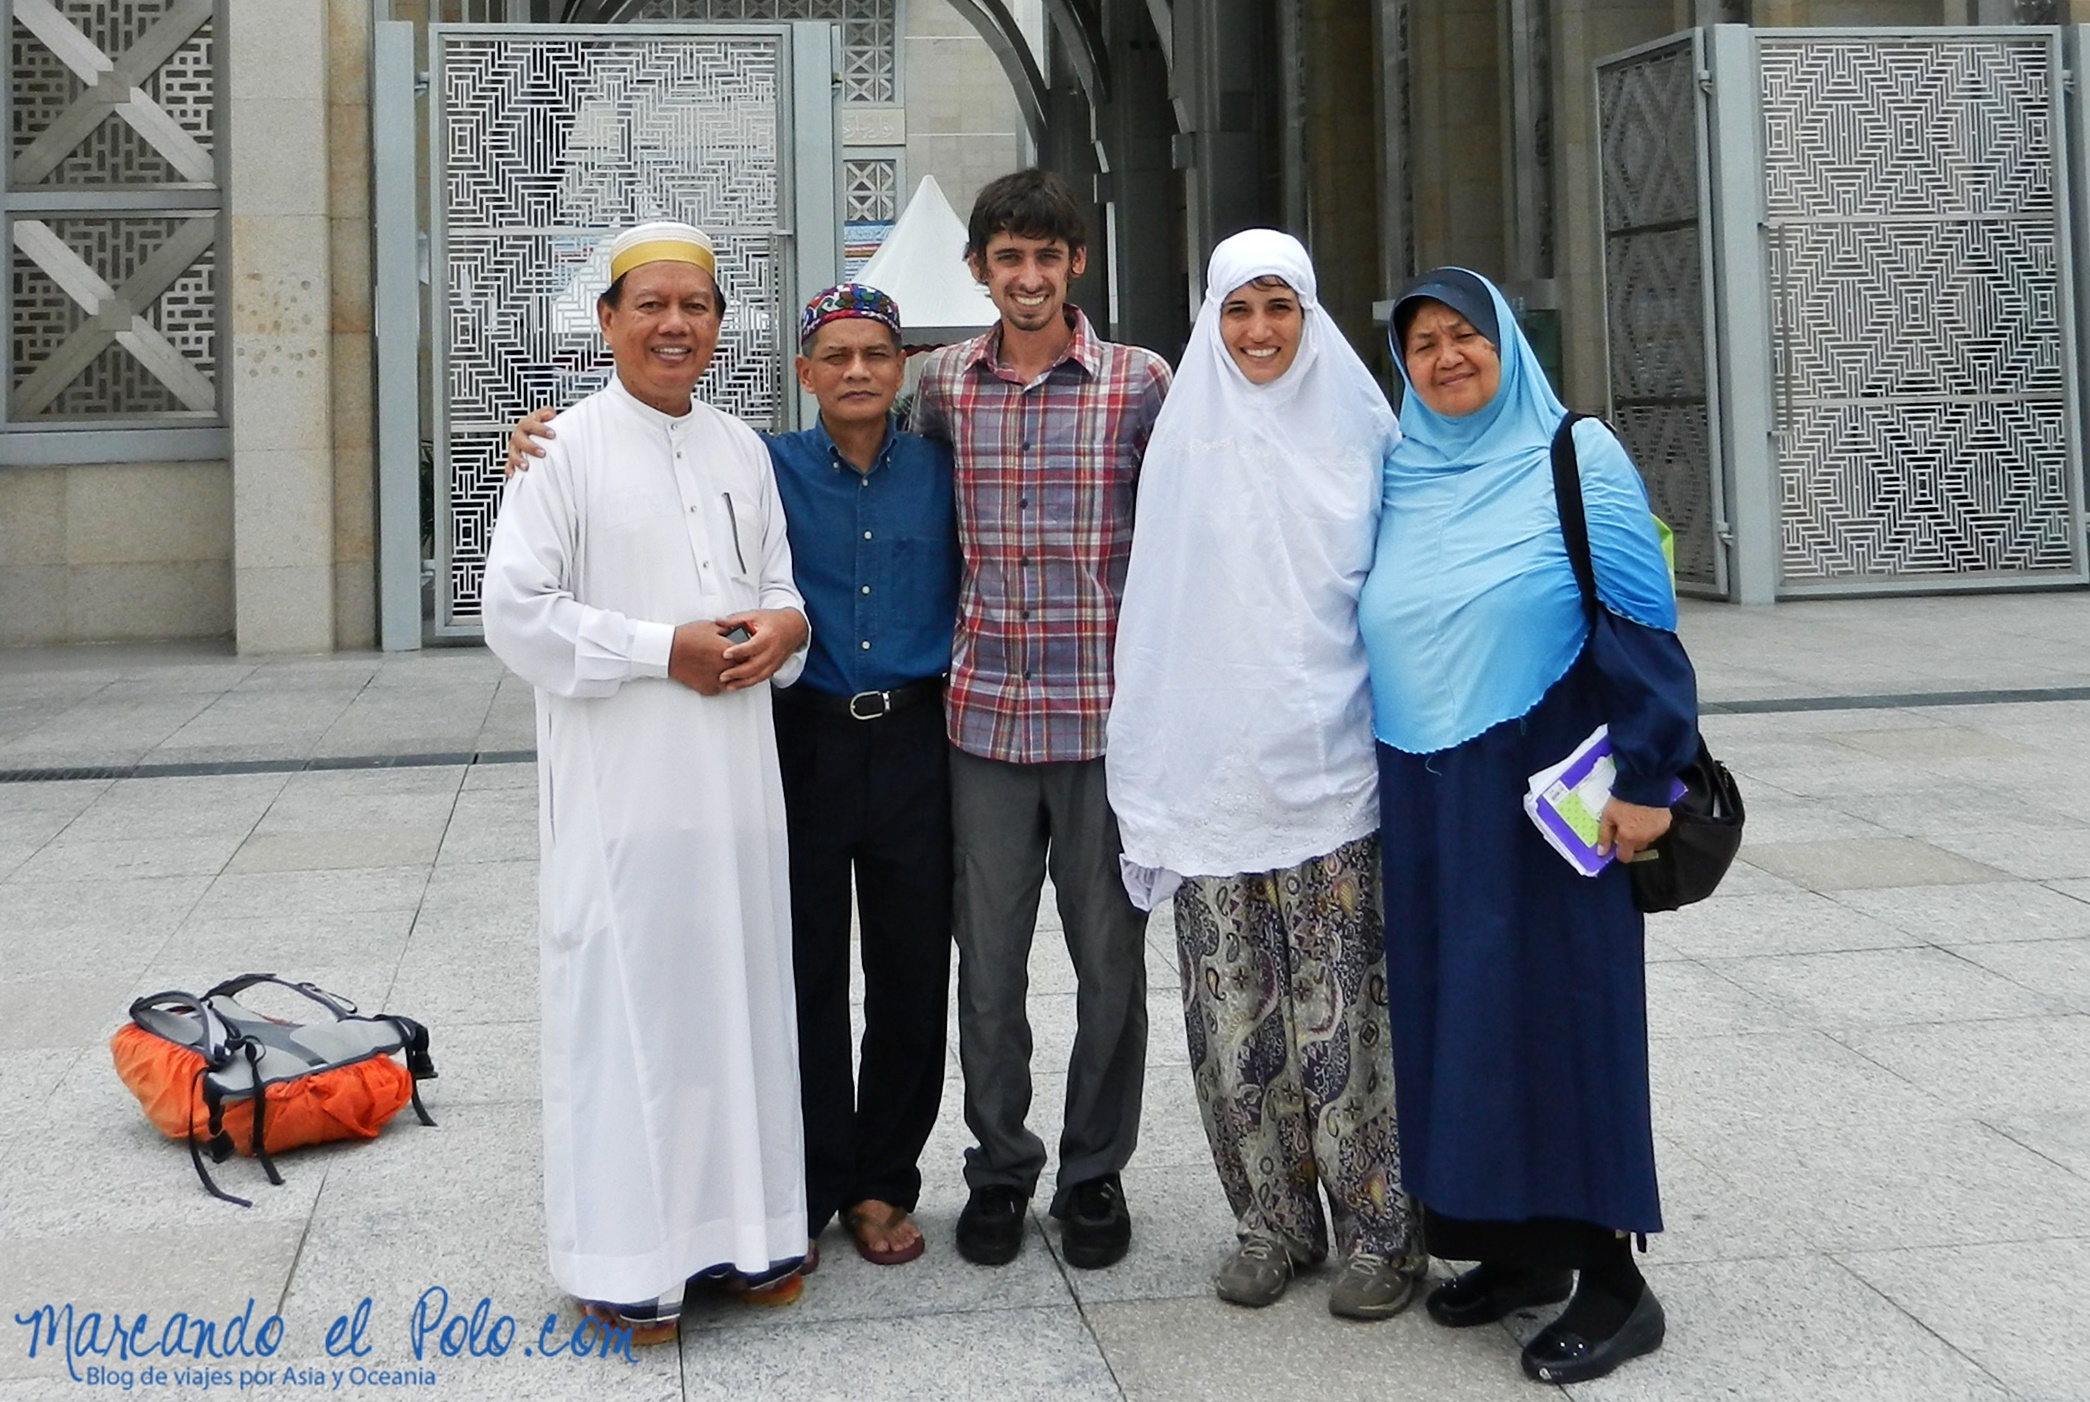 Gracias a maestros como ellos pudimos entender mejor las costumbres musulmanas